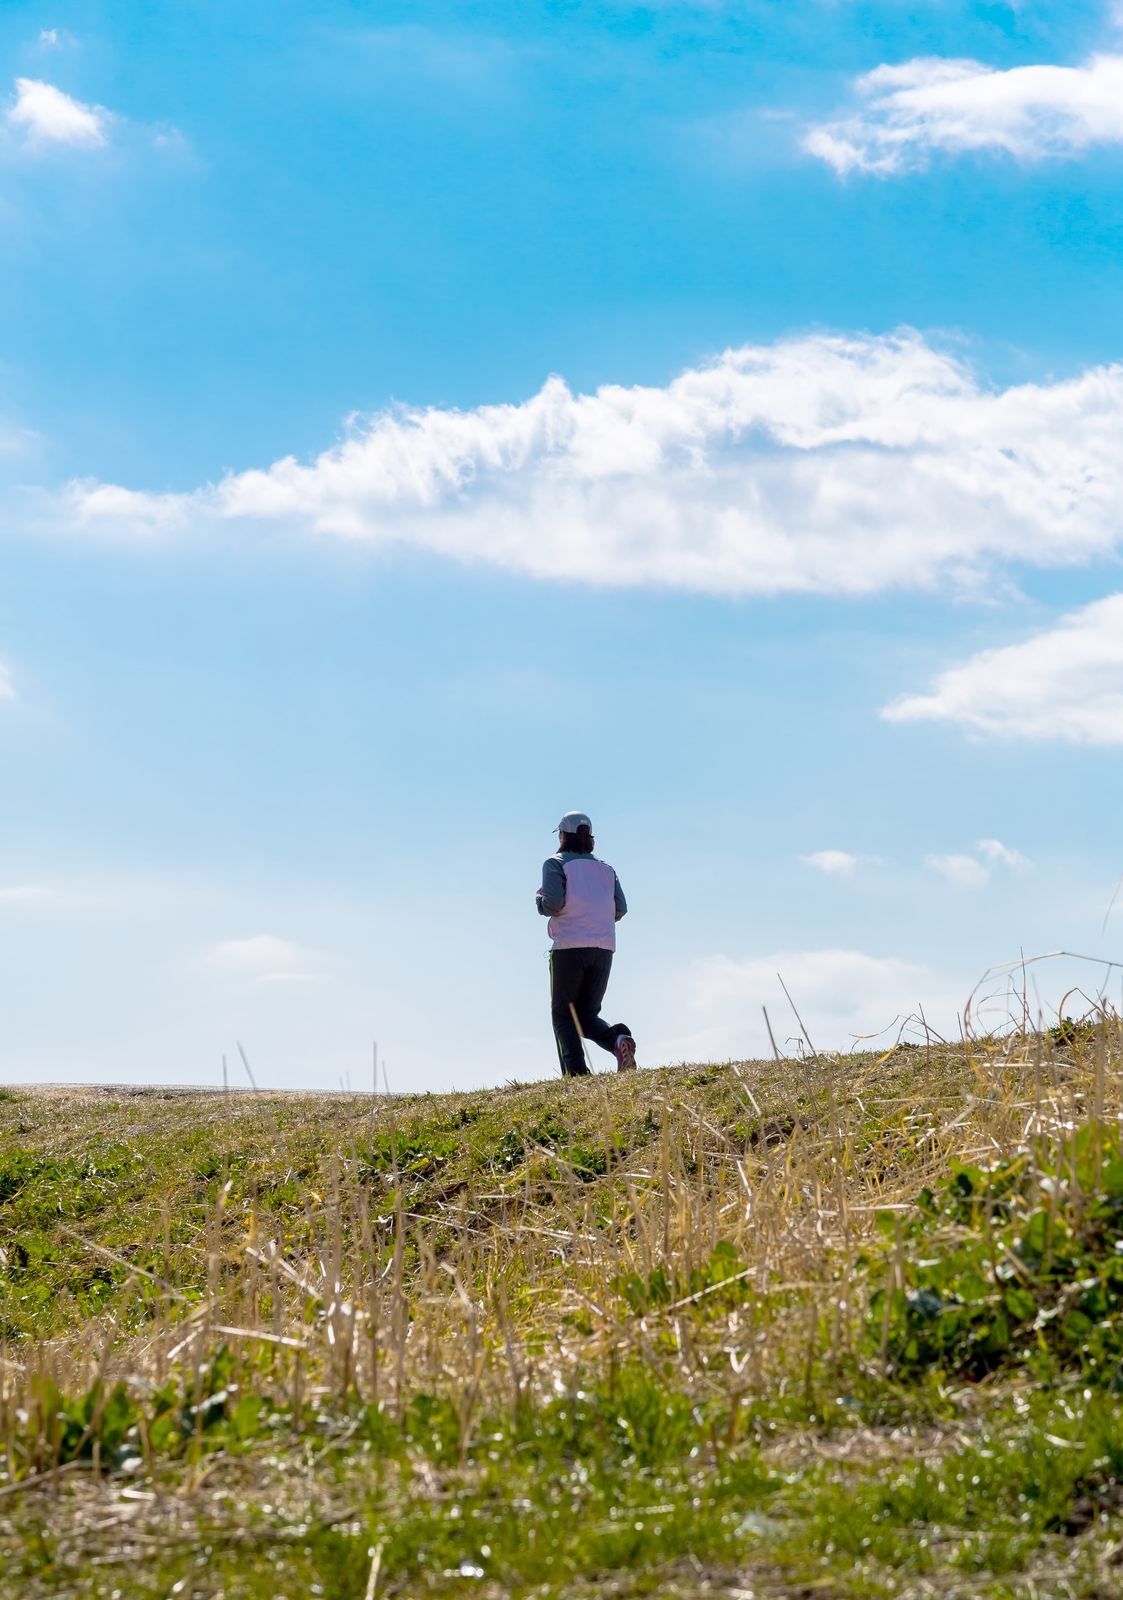 今回は「ためしてガッテン」でも取り上げられたスロージョギングという運動の効果について紹介します。スロージョギングの効果を知ることで、健康維持につながります。のサムネイル画像